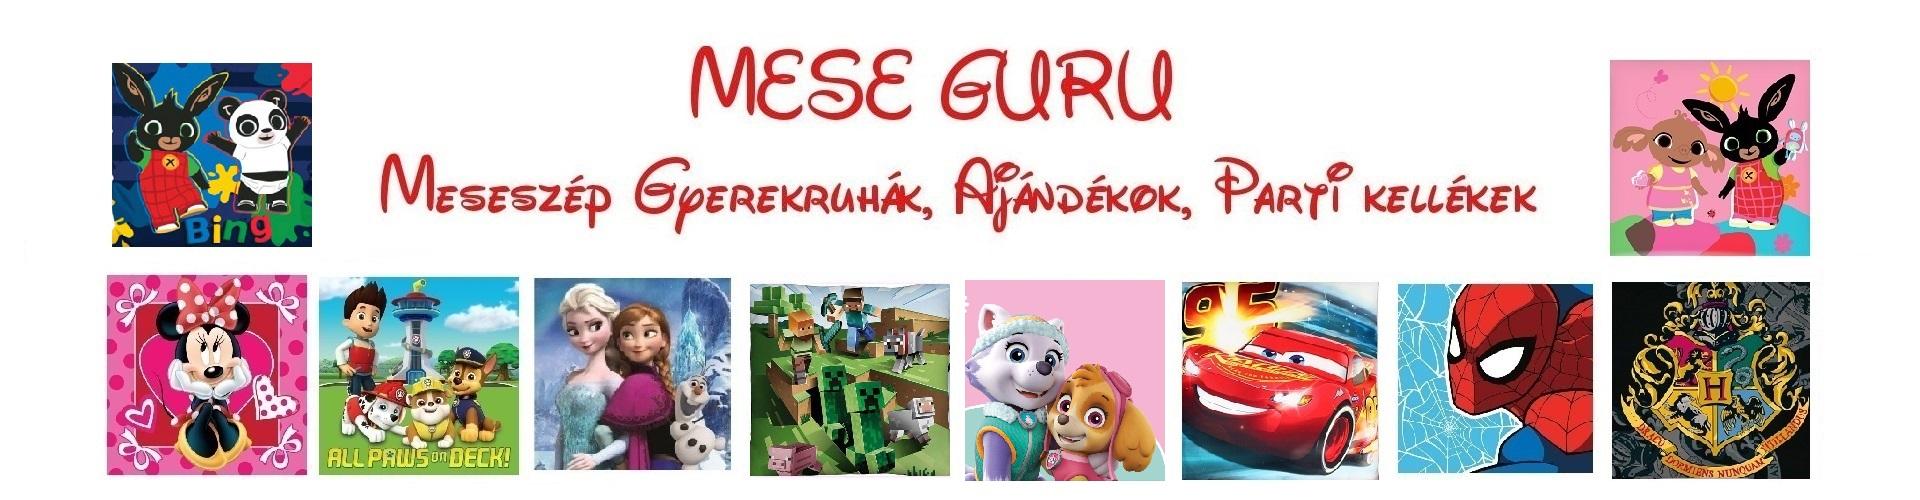 Mese Guru - a Disney és szuperhős ajándékok szakértője 8352f32c31